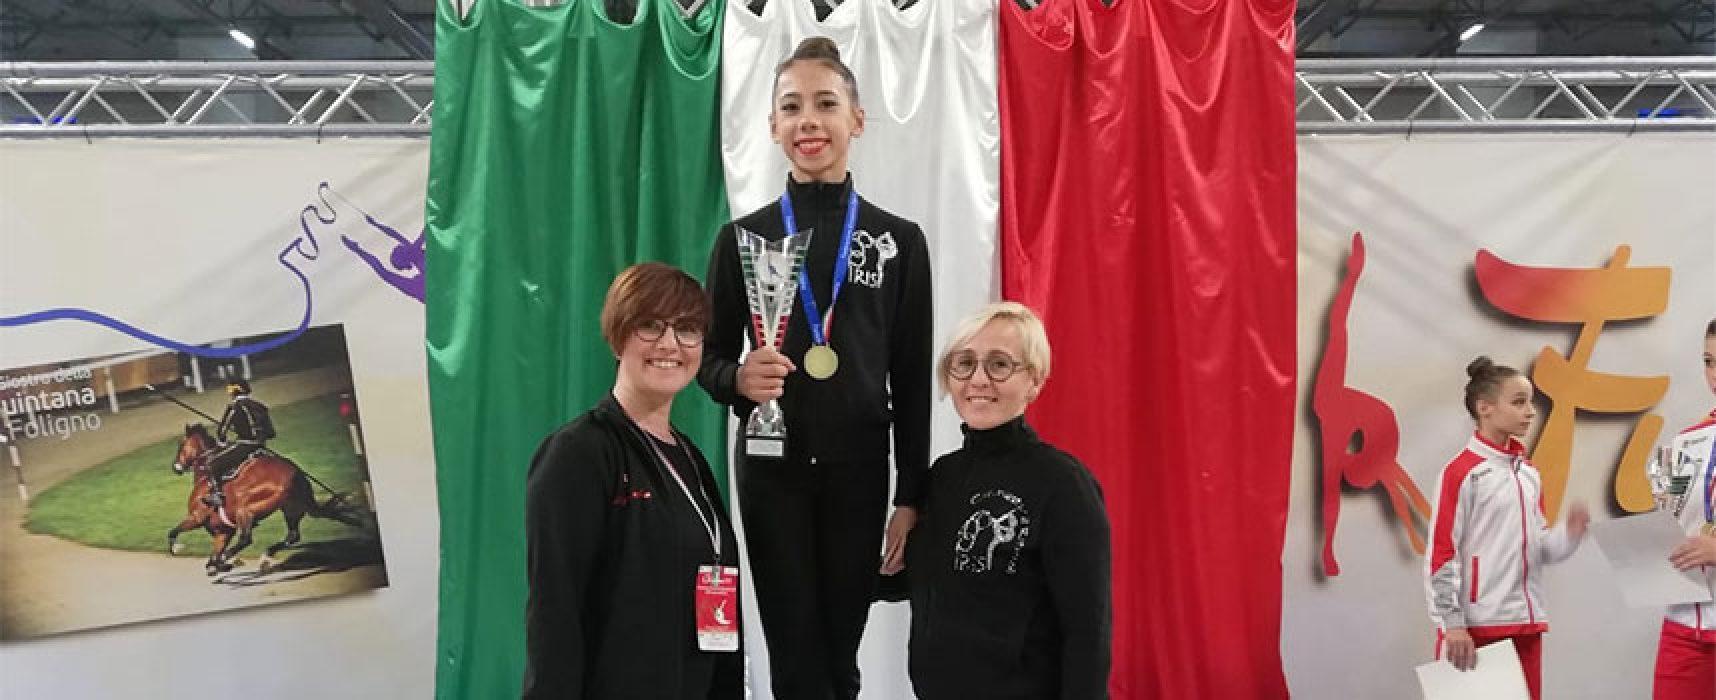 Ginnastica Ritmica, la biscegliese Abbadessa è campionessa italiana di Specialità Gold